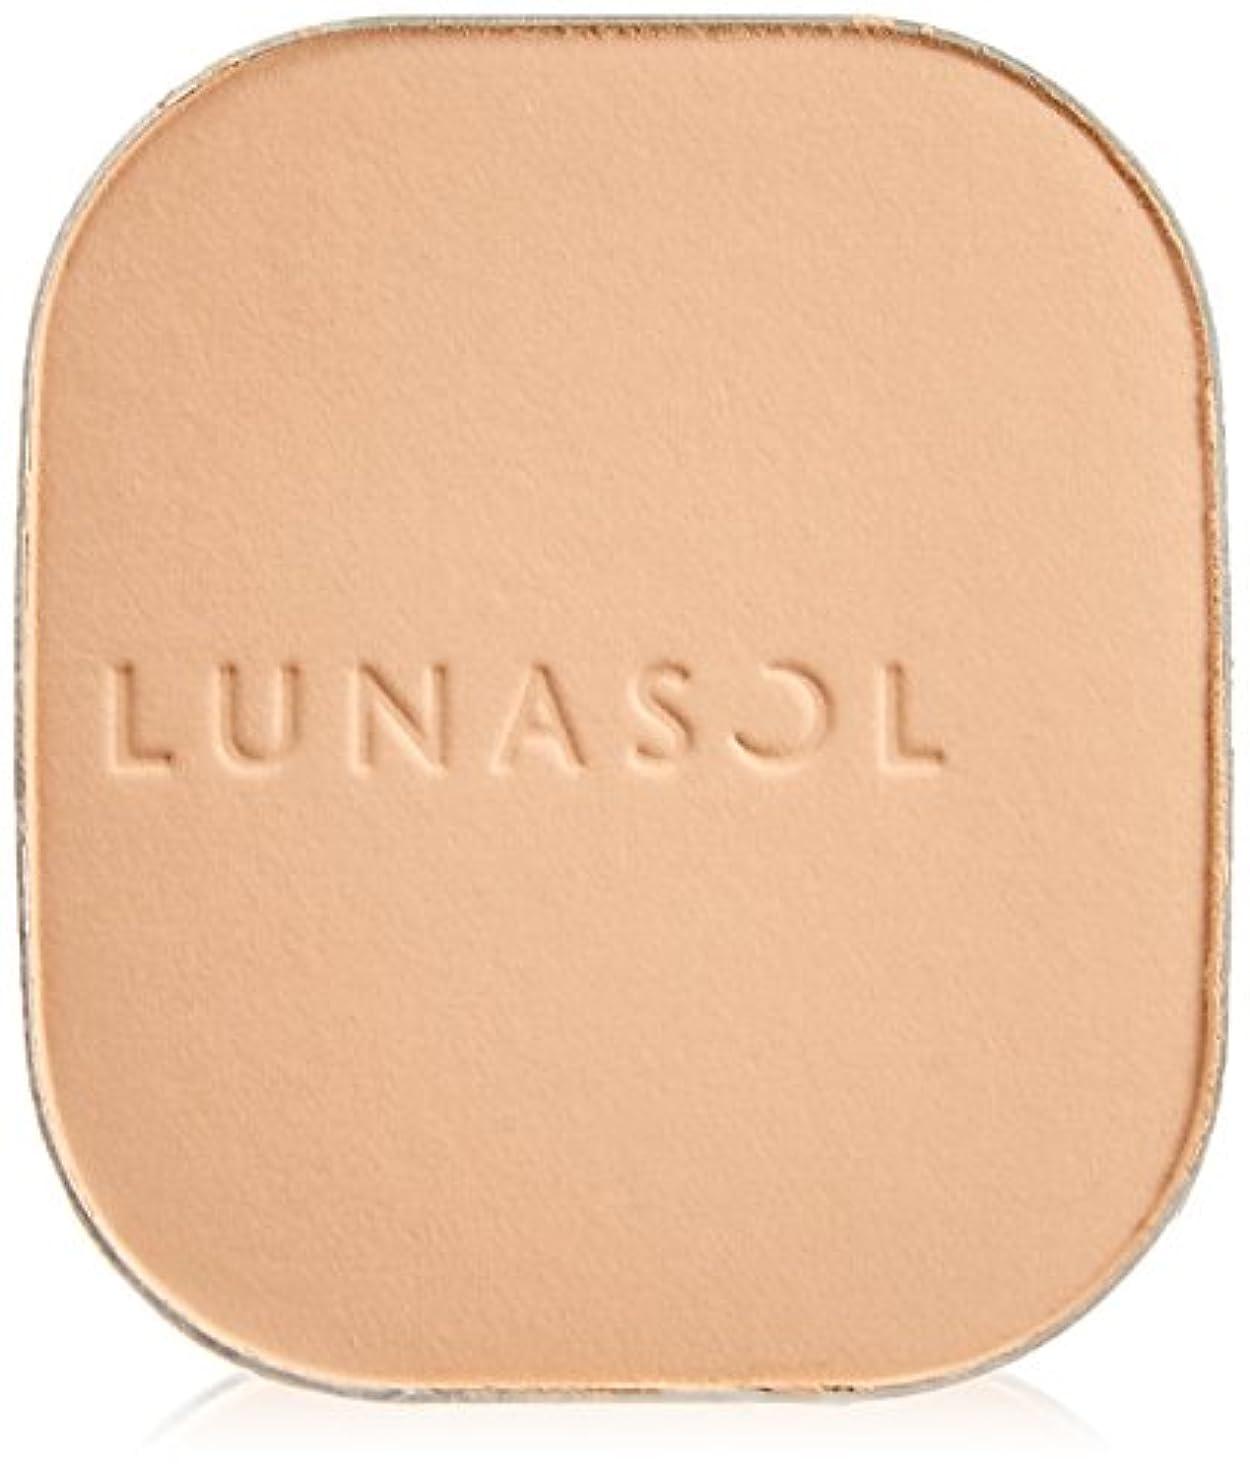 思春期の実験的支援するルナソル(LUNASOL) ルナソル スキンモデリングパウダーグロウ SPF20/PA++ ファンデーション パクト オークル01 単品